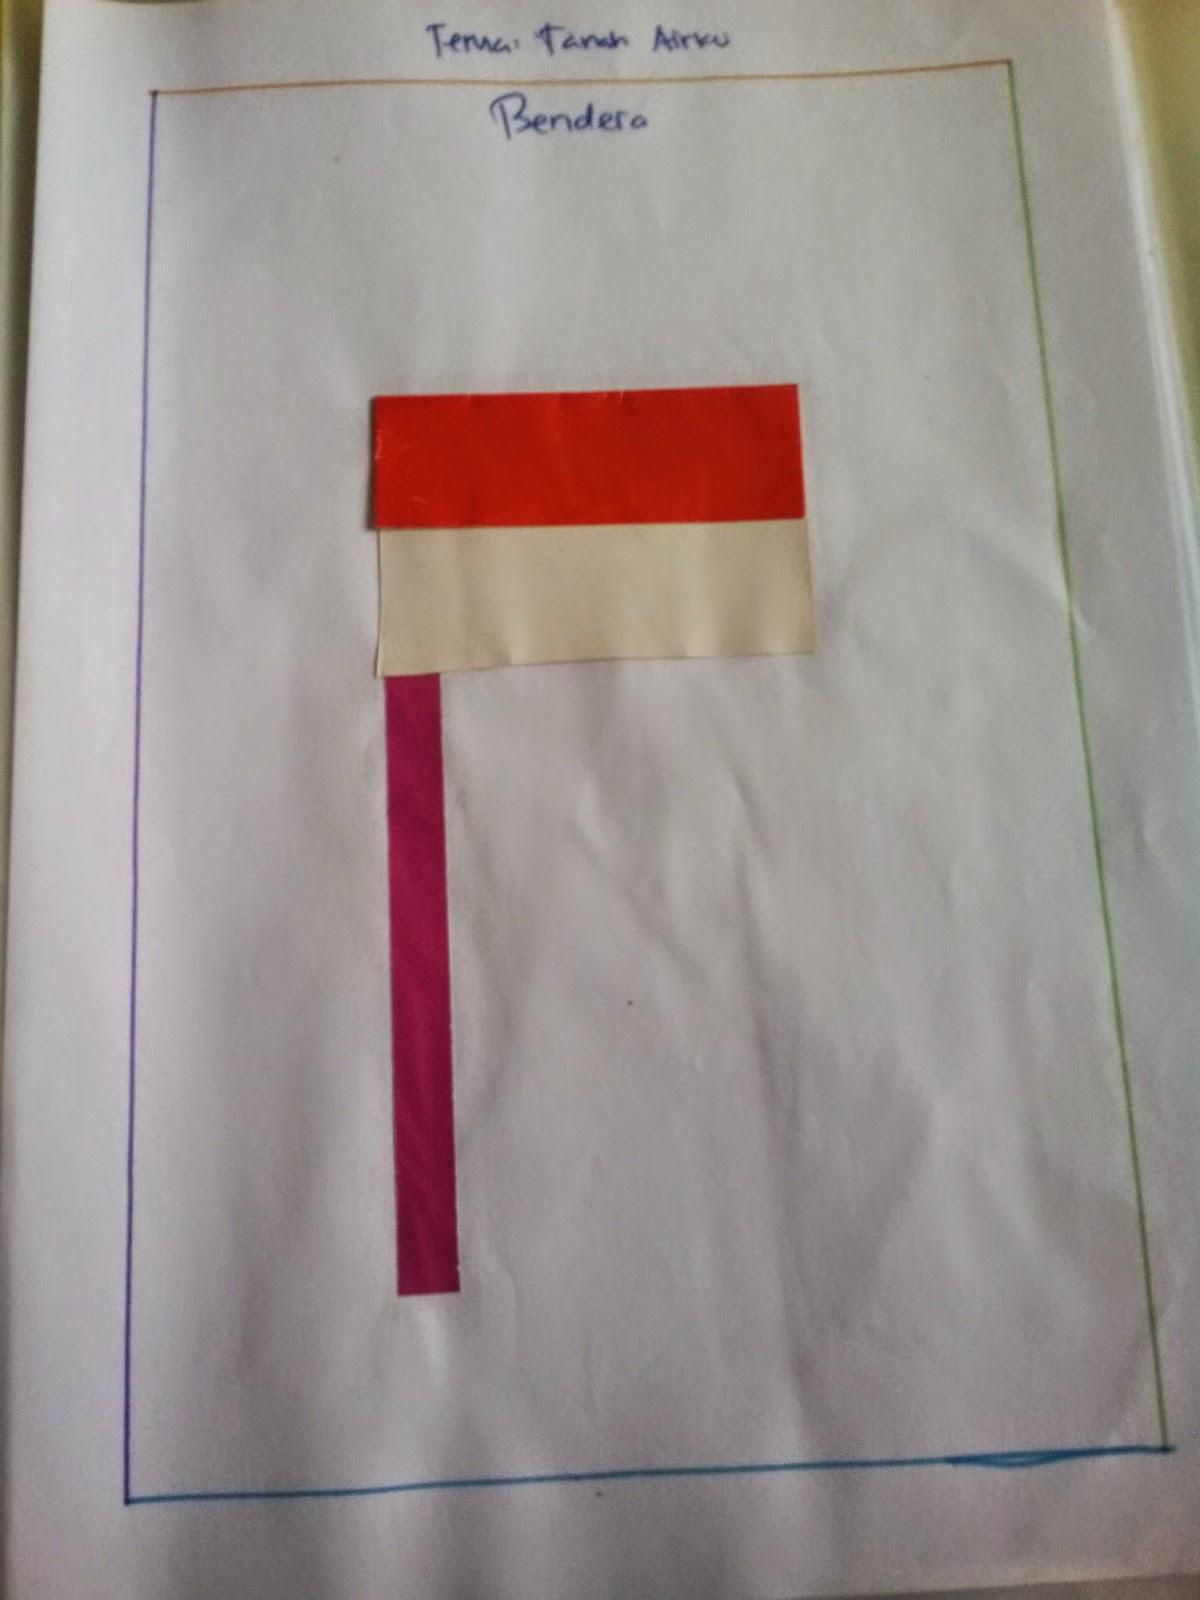 Tanah airku (bendera)